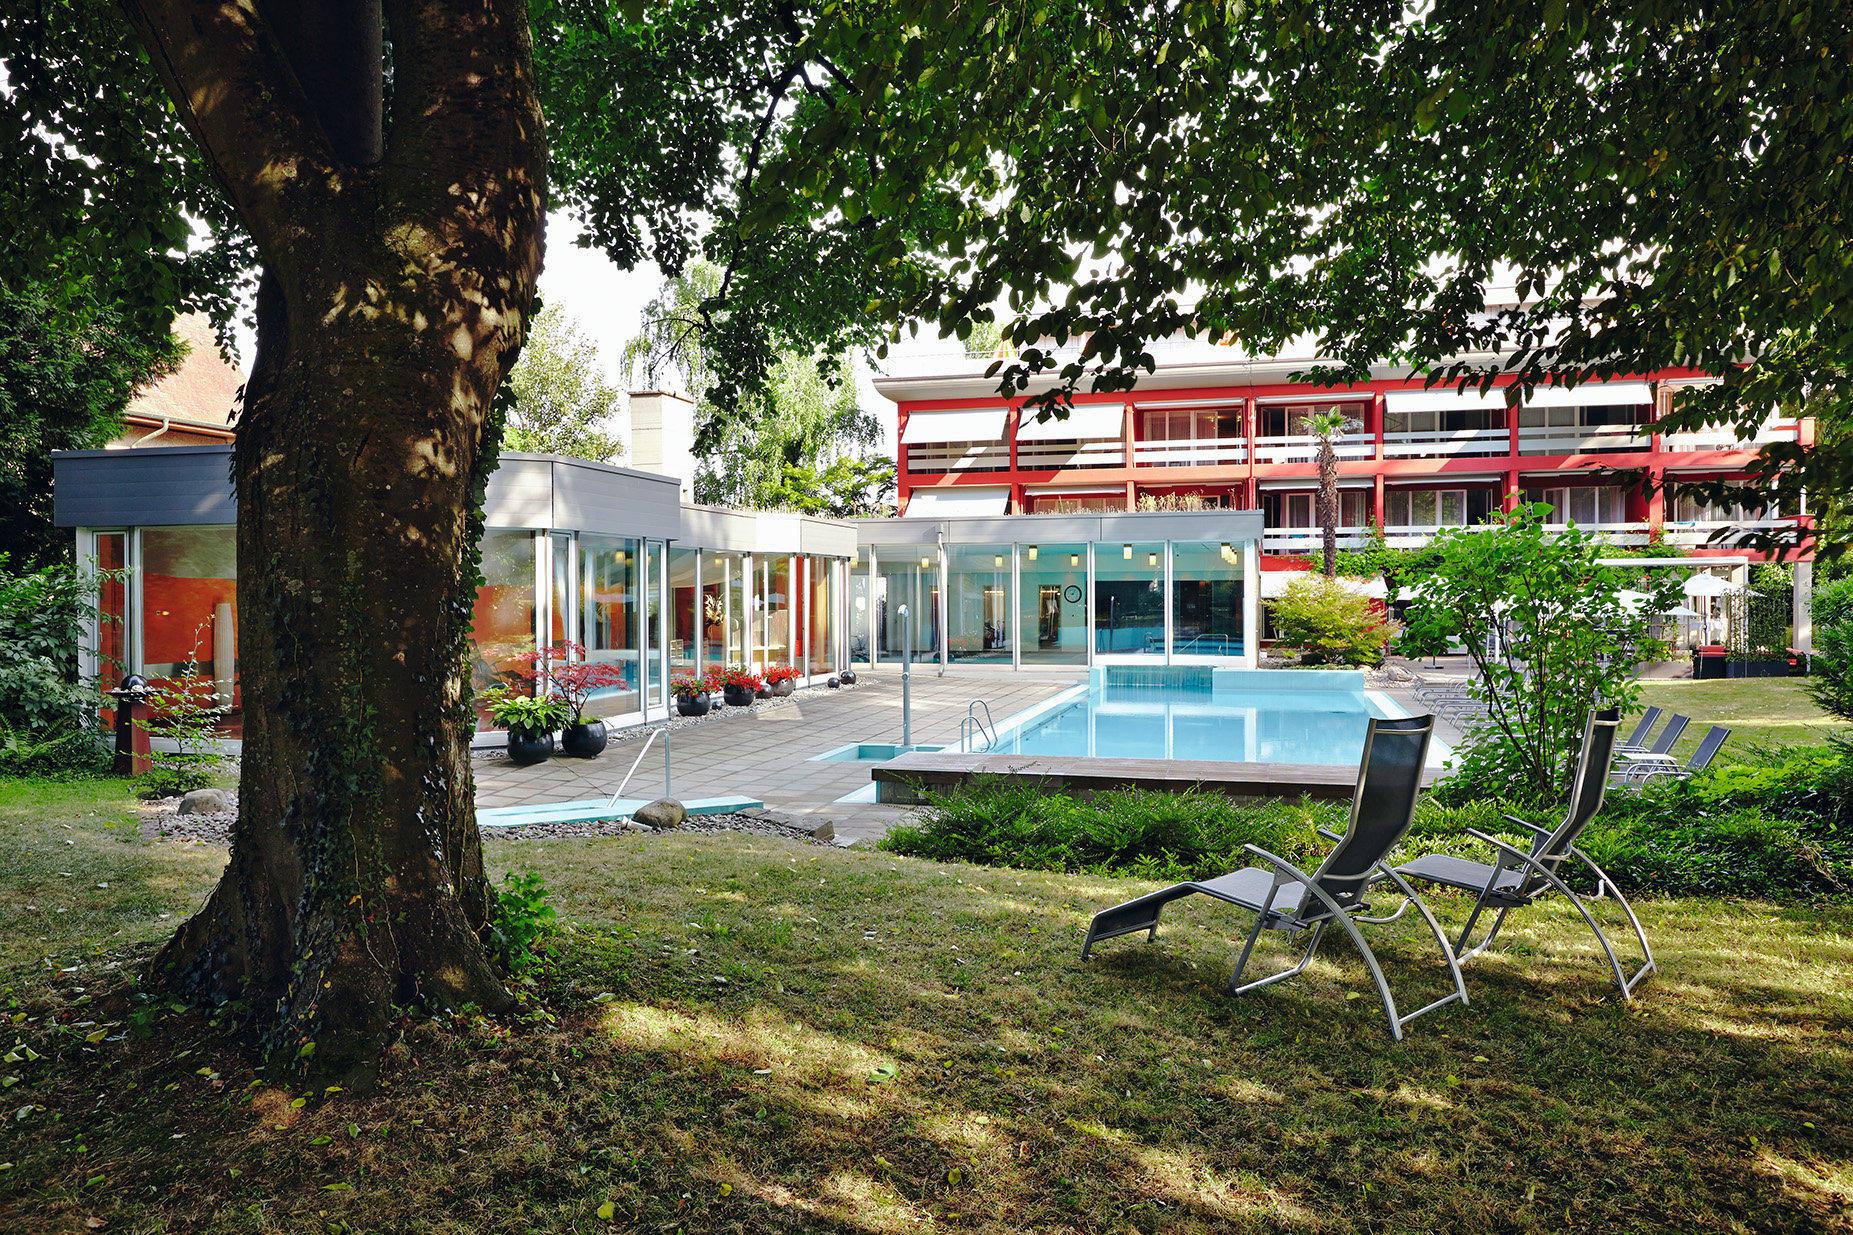 Hotel Eden Im Park In Rheinfelden Holidaycheck Kanton Aargau Schweiz